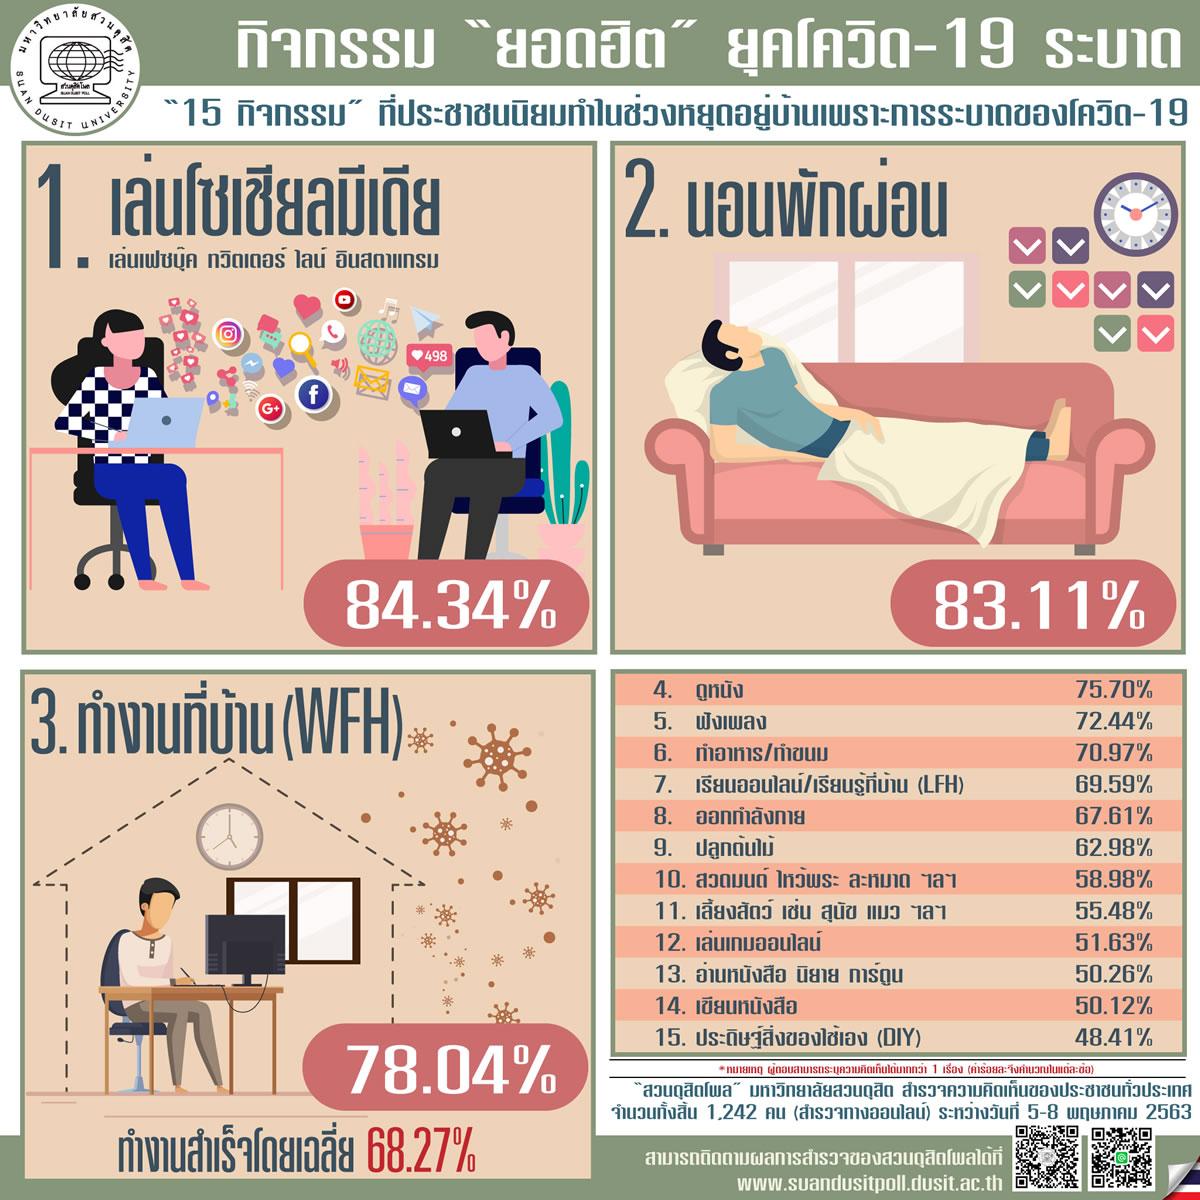 タイ人はコロナ禍の外出自粛で何をする?84%で1位になったのは・・・